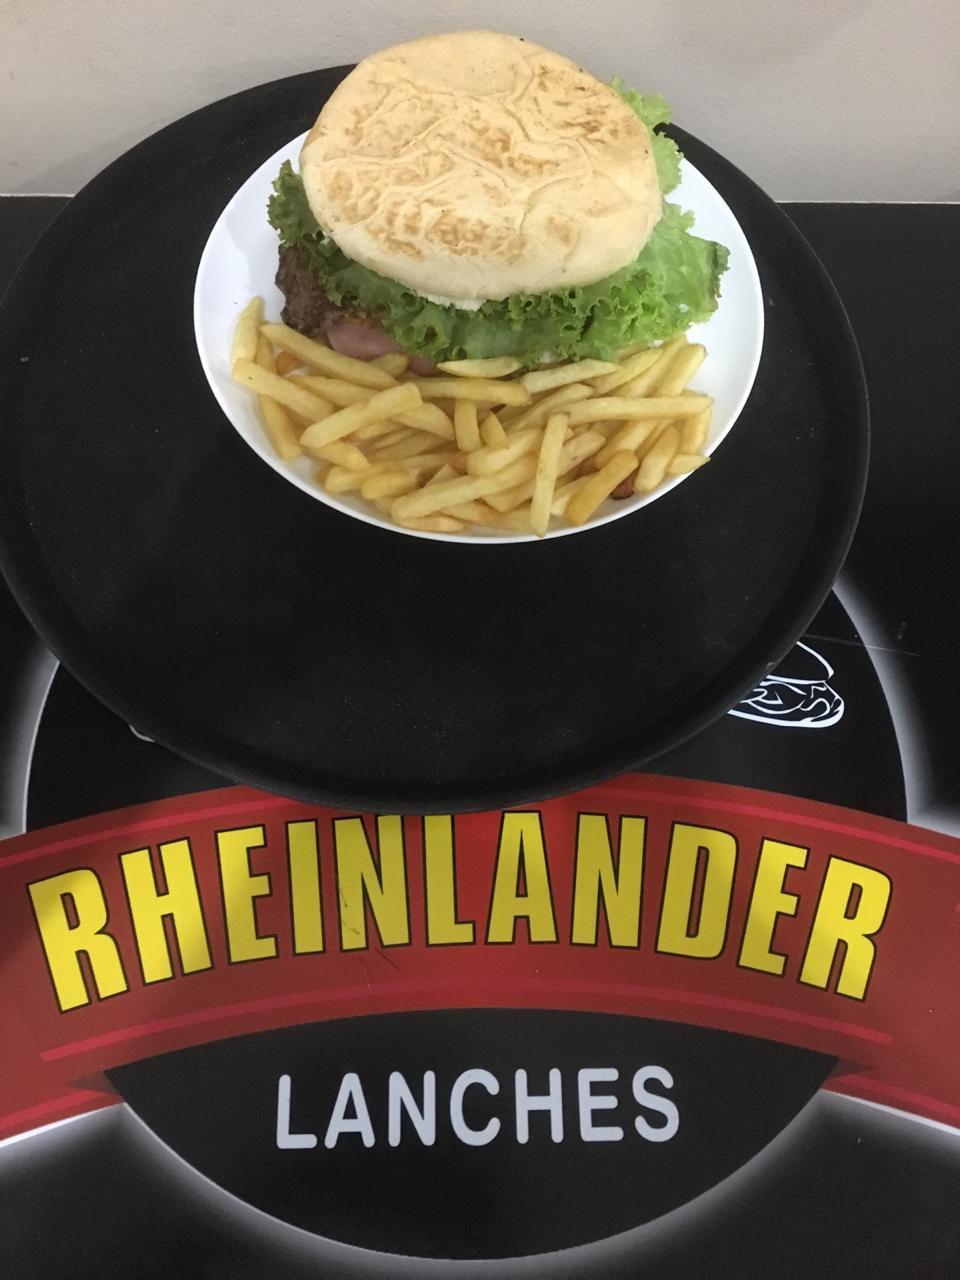 Rheinlander Lanches